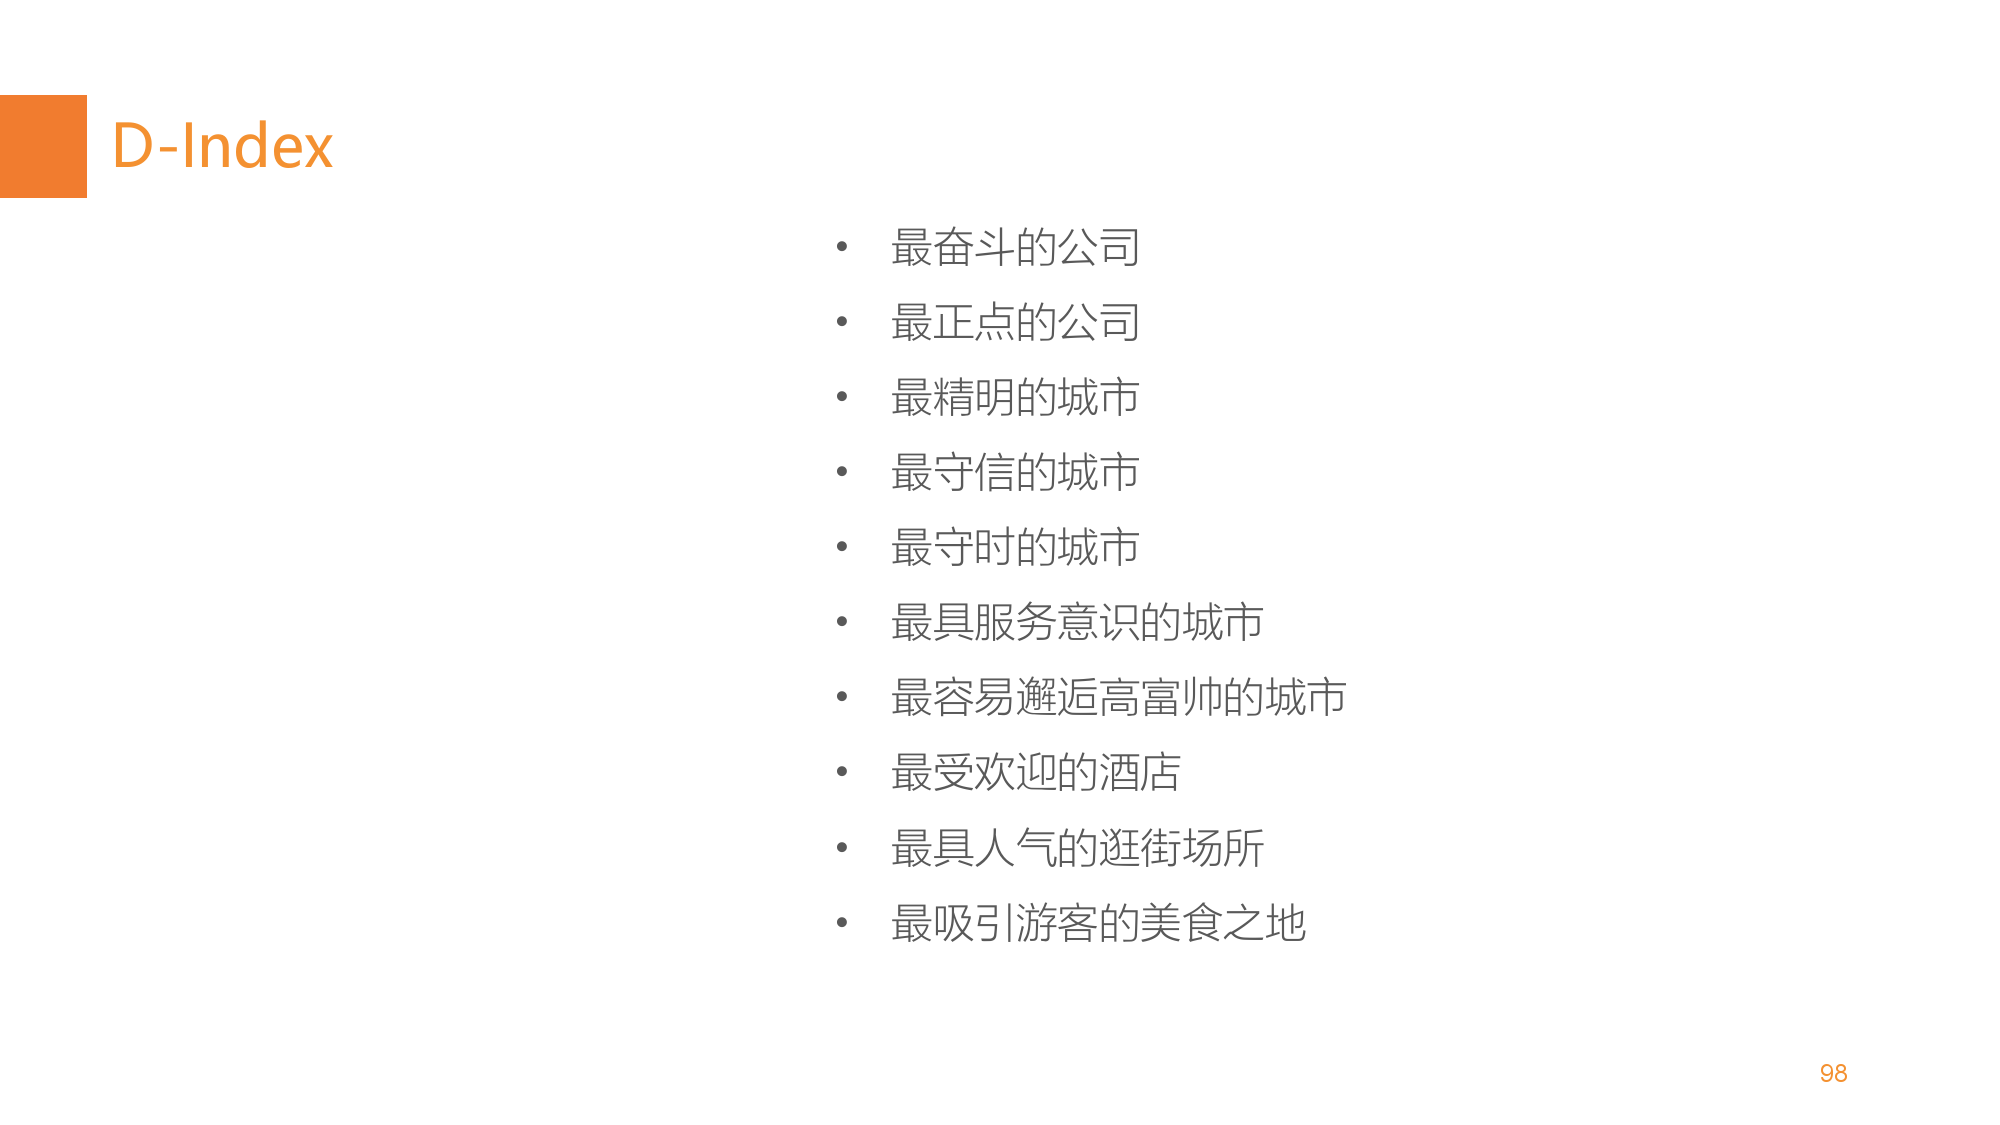 中国智能出行2015大数据报告_000098